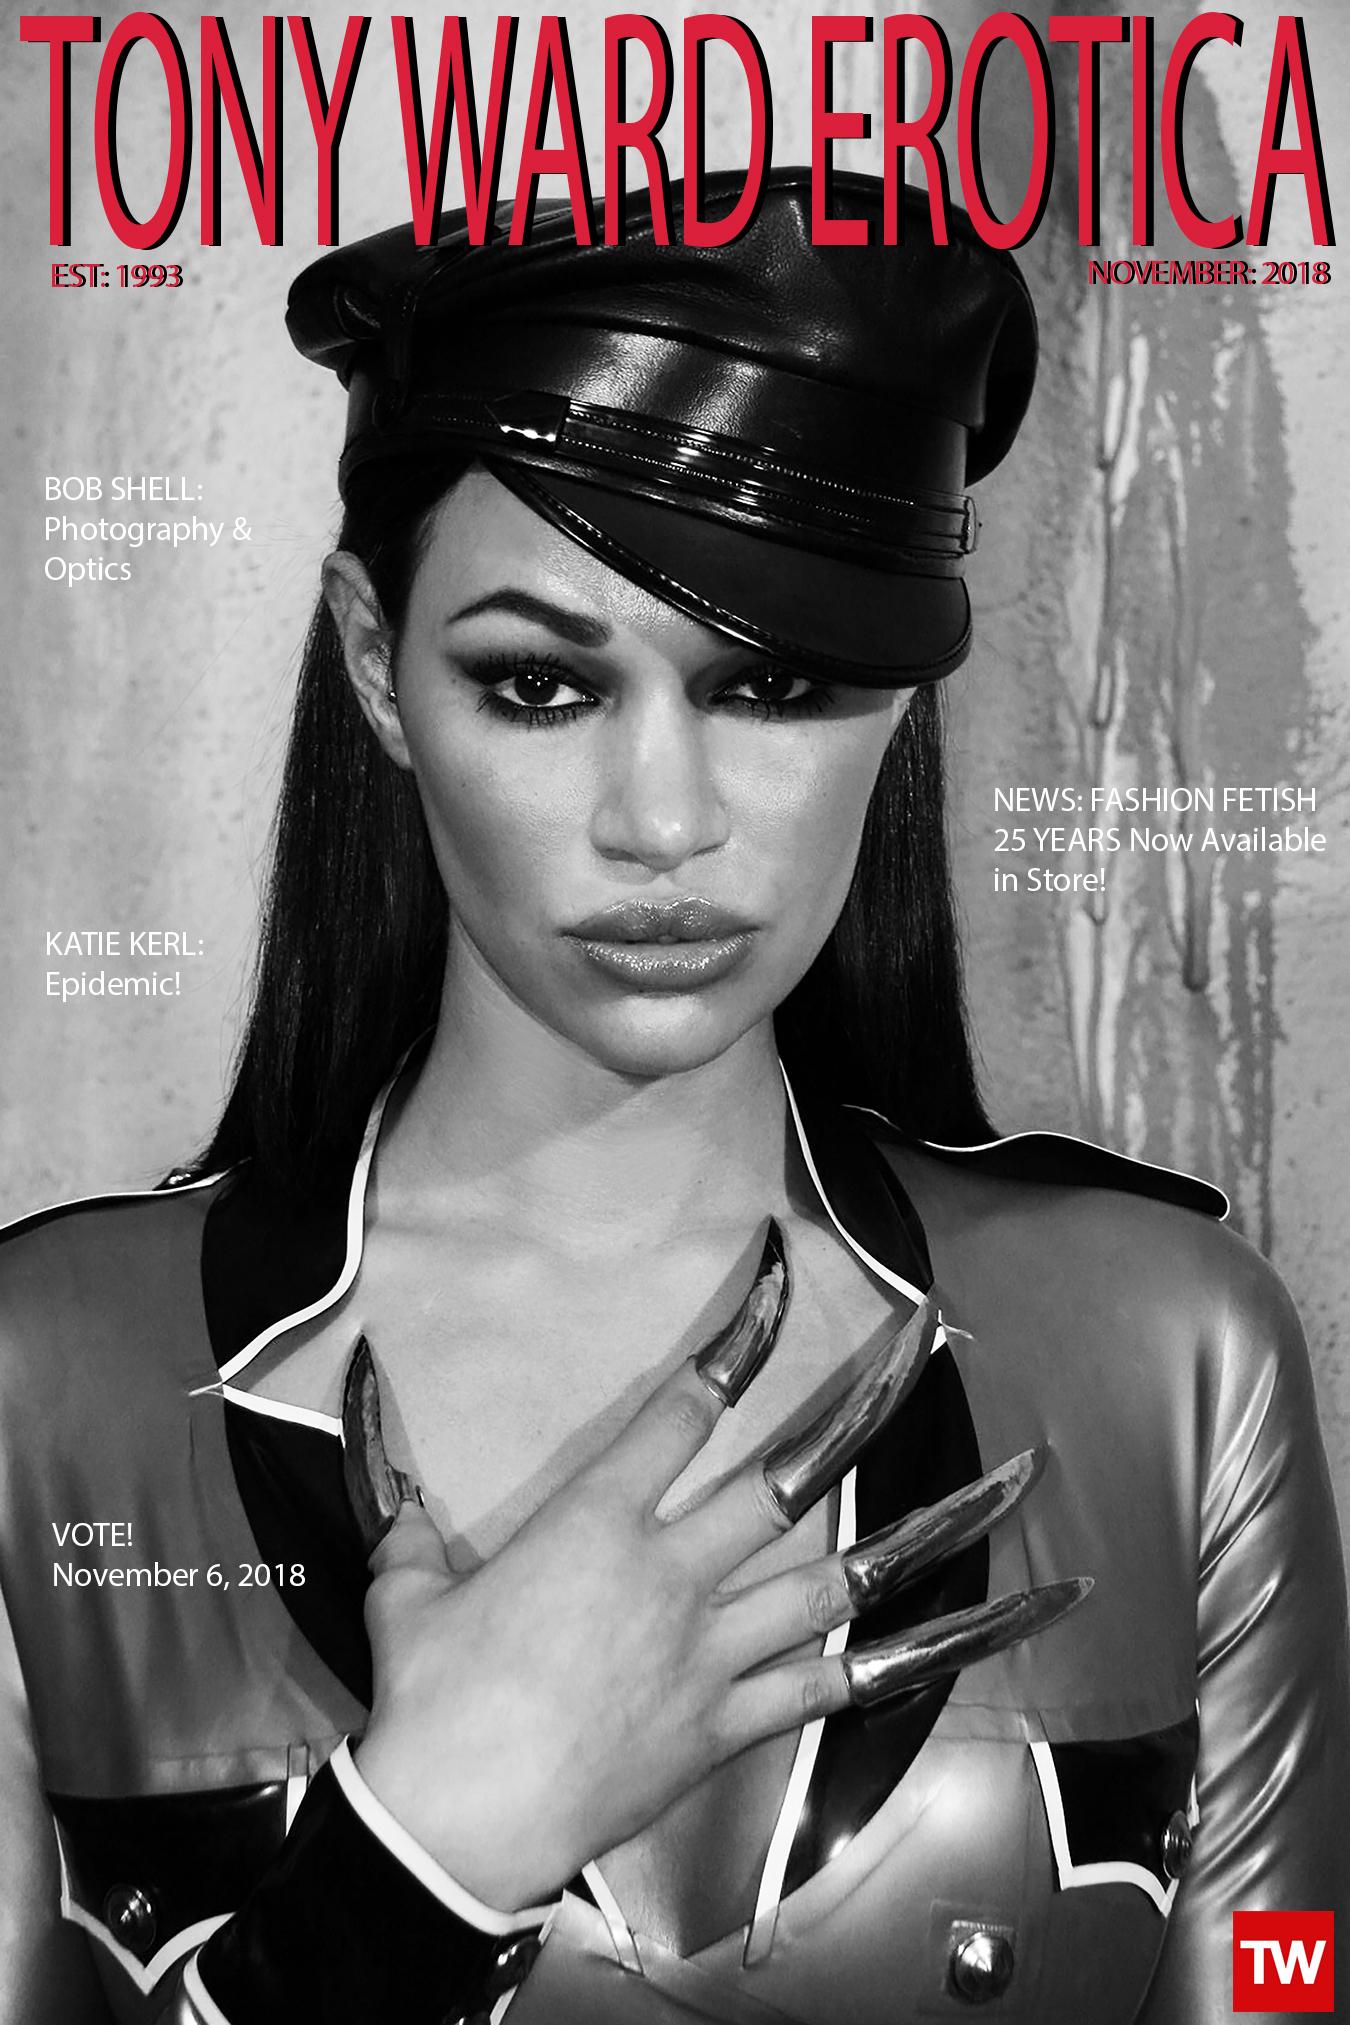 Tony Ward Erotica homepage cover november 2018